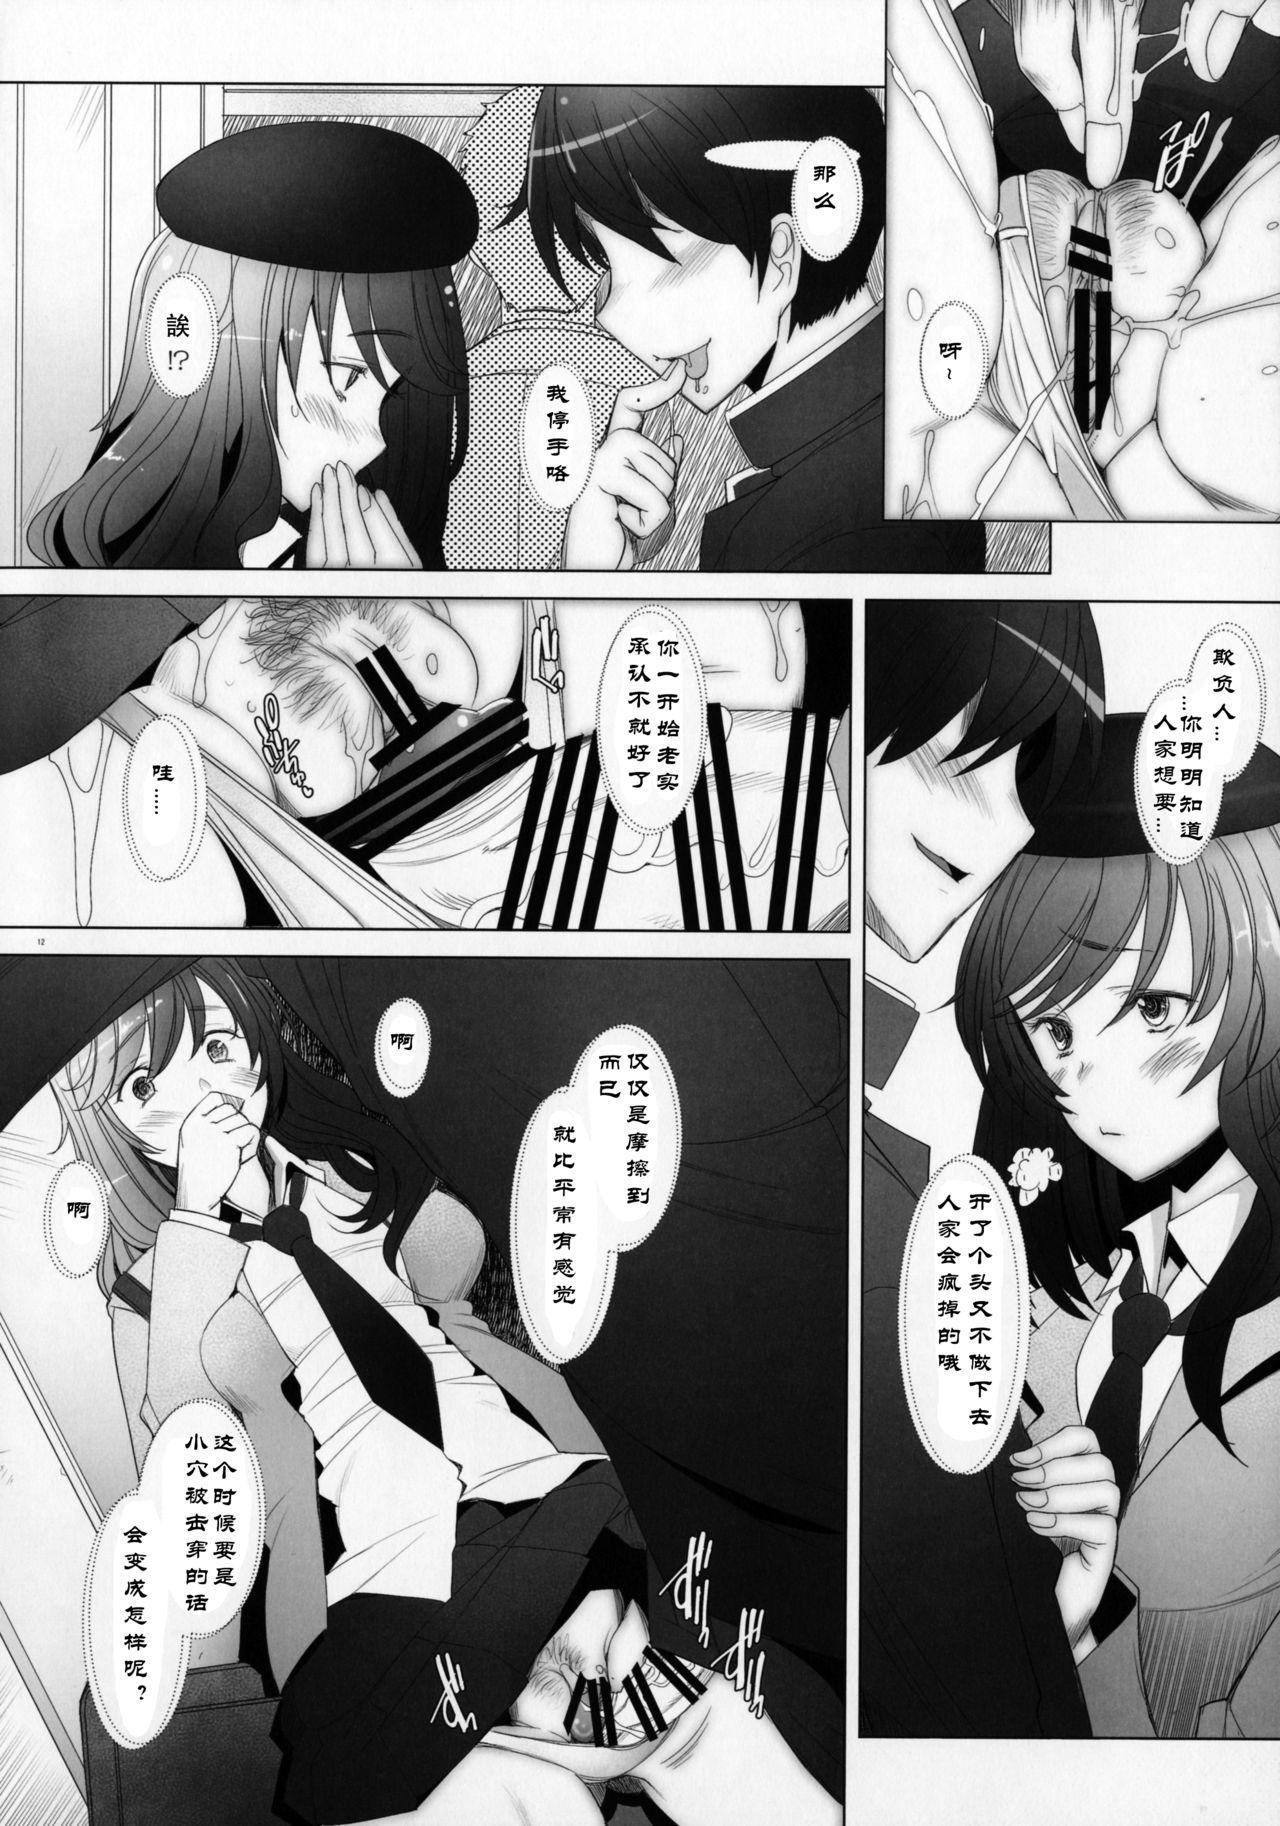 (C91) [Kohakutei (Sakai Hamachi)] Motto Haramaseraretai Onna - Shimada-ryuu Senshadou Iemoto no Baai (Girls und Panzer) [Chinese] [Type79G个人汉化] 10